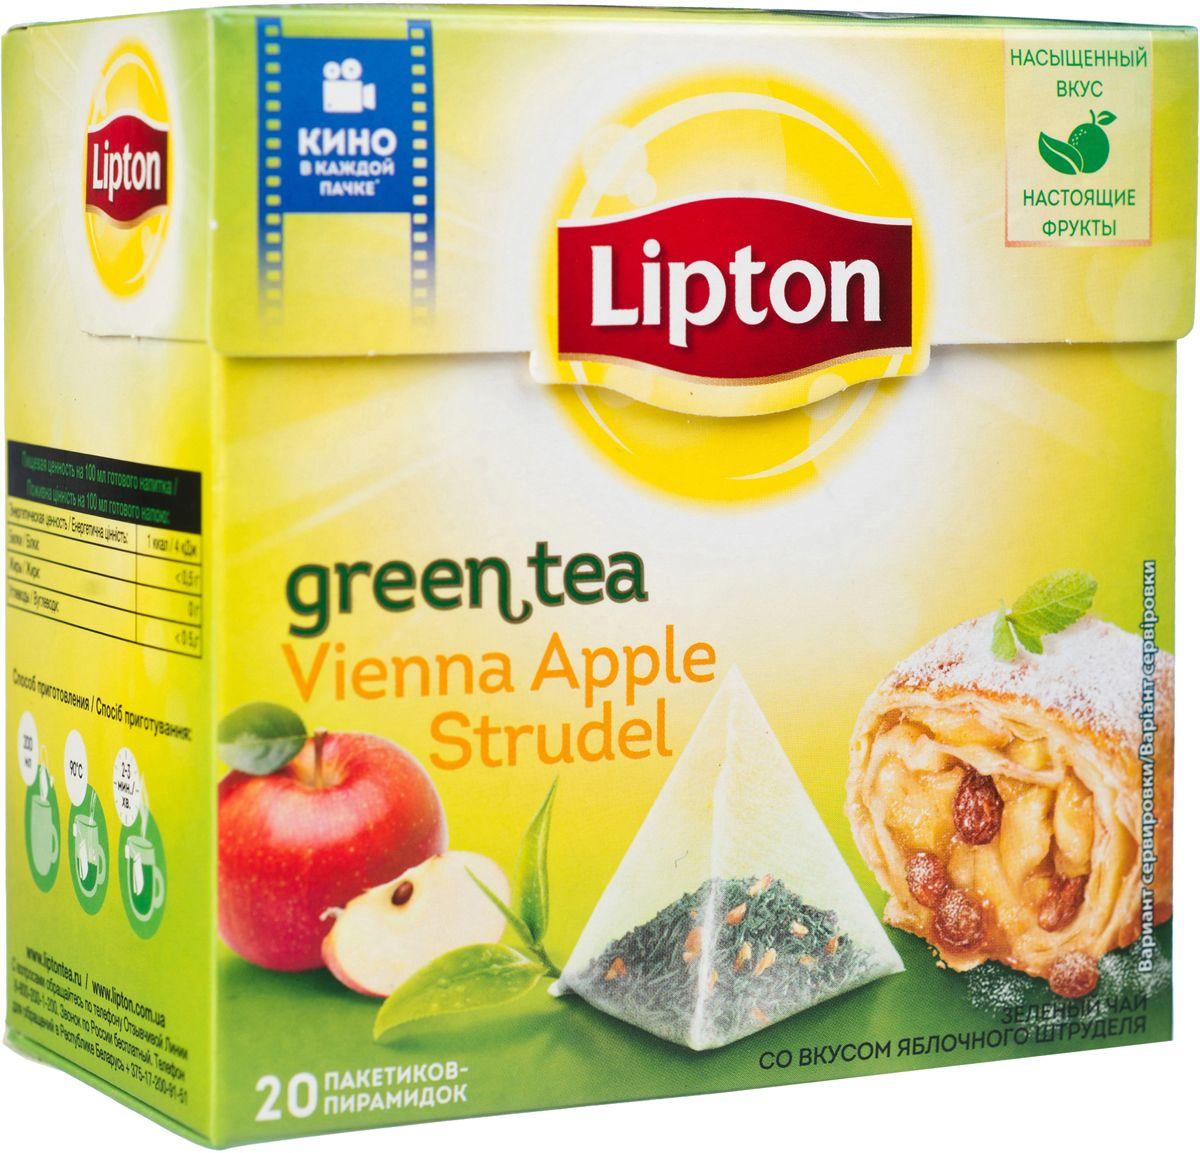 Lipton Зеленый чай Apple Strudel 20 шт21141143Lipton Vienna Apple Strudel - зелёный байховый чай с ароматом яблок и кусочками фруктов. Попробовав Lipton Vienna Apple Strudel со вкусом нежного венского штруделя – классического яблочного десерта из тончайшего слоеного теста, вы невольно представите себя в самом очаровательном европейском городе – Вене. Утонченный аромат нового чая Lipton напомнит непередаваемый шарм музыкальной столицы Европы: города роскоши и великолепных парков, величественных дворцов и сказочных замков.